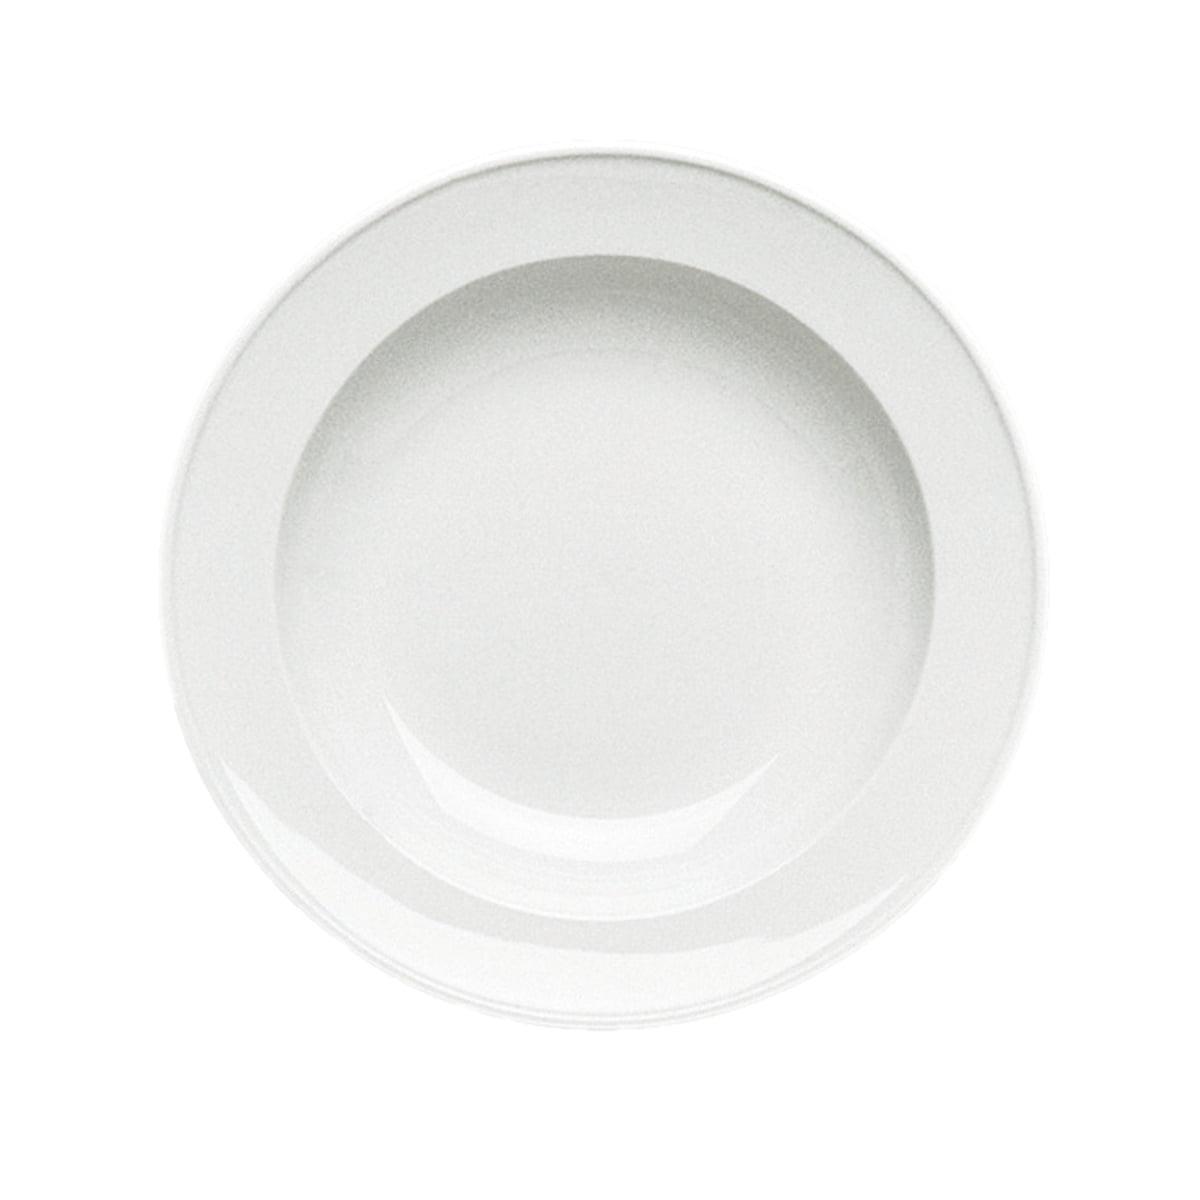 Wagenfeld - Suppenteller Ø 23 cm, weiß